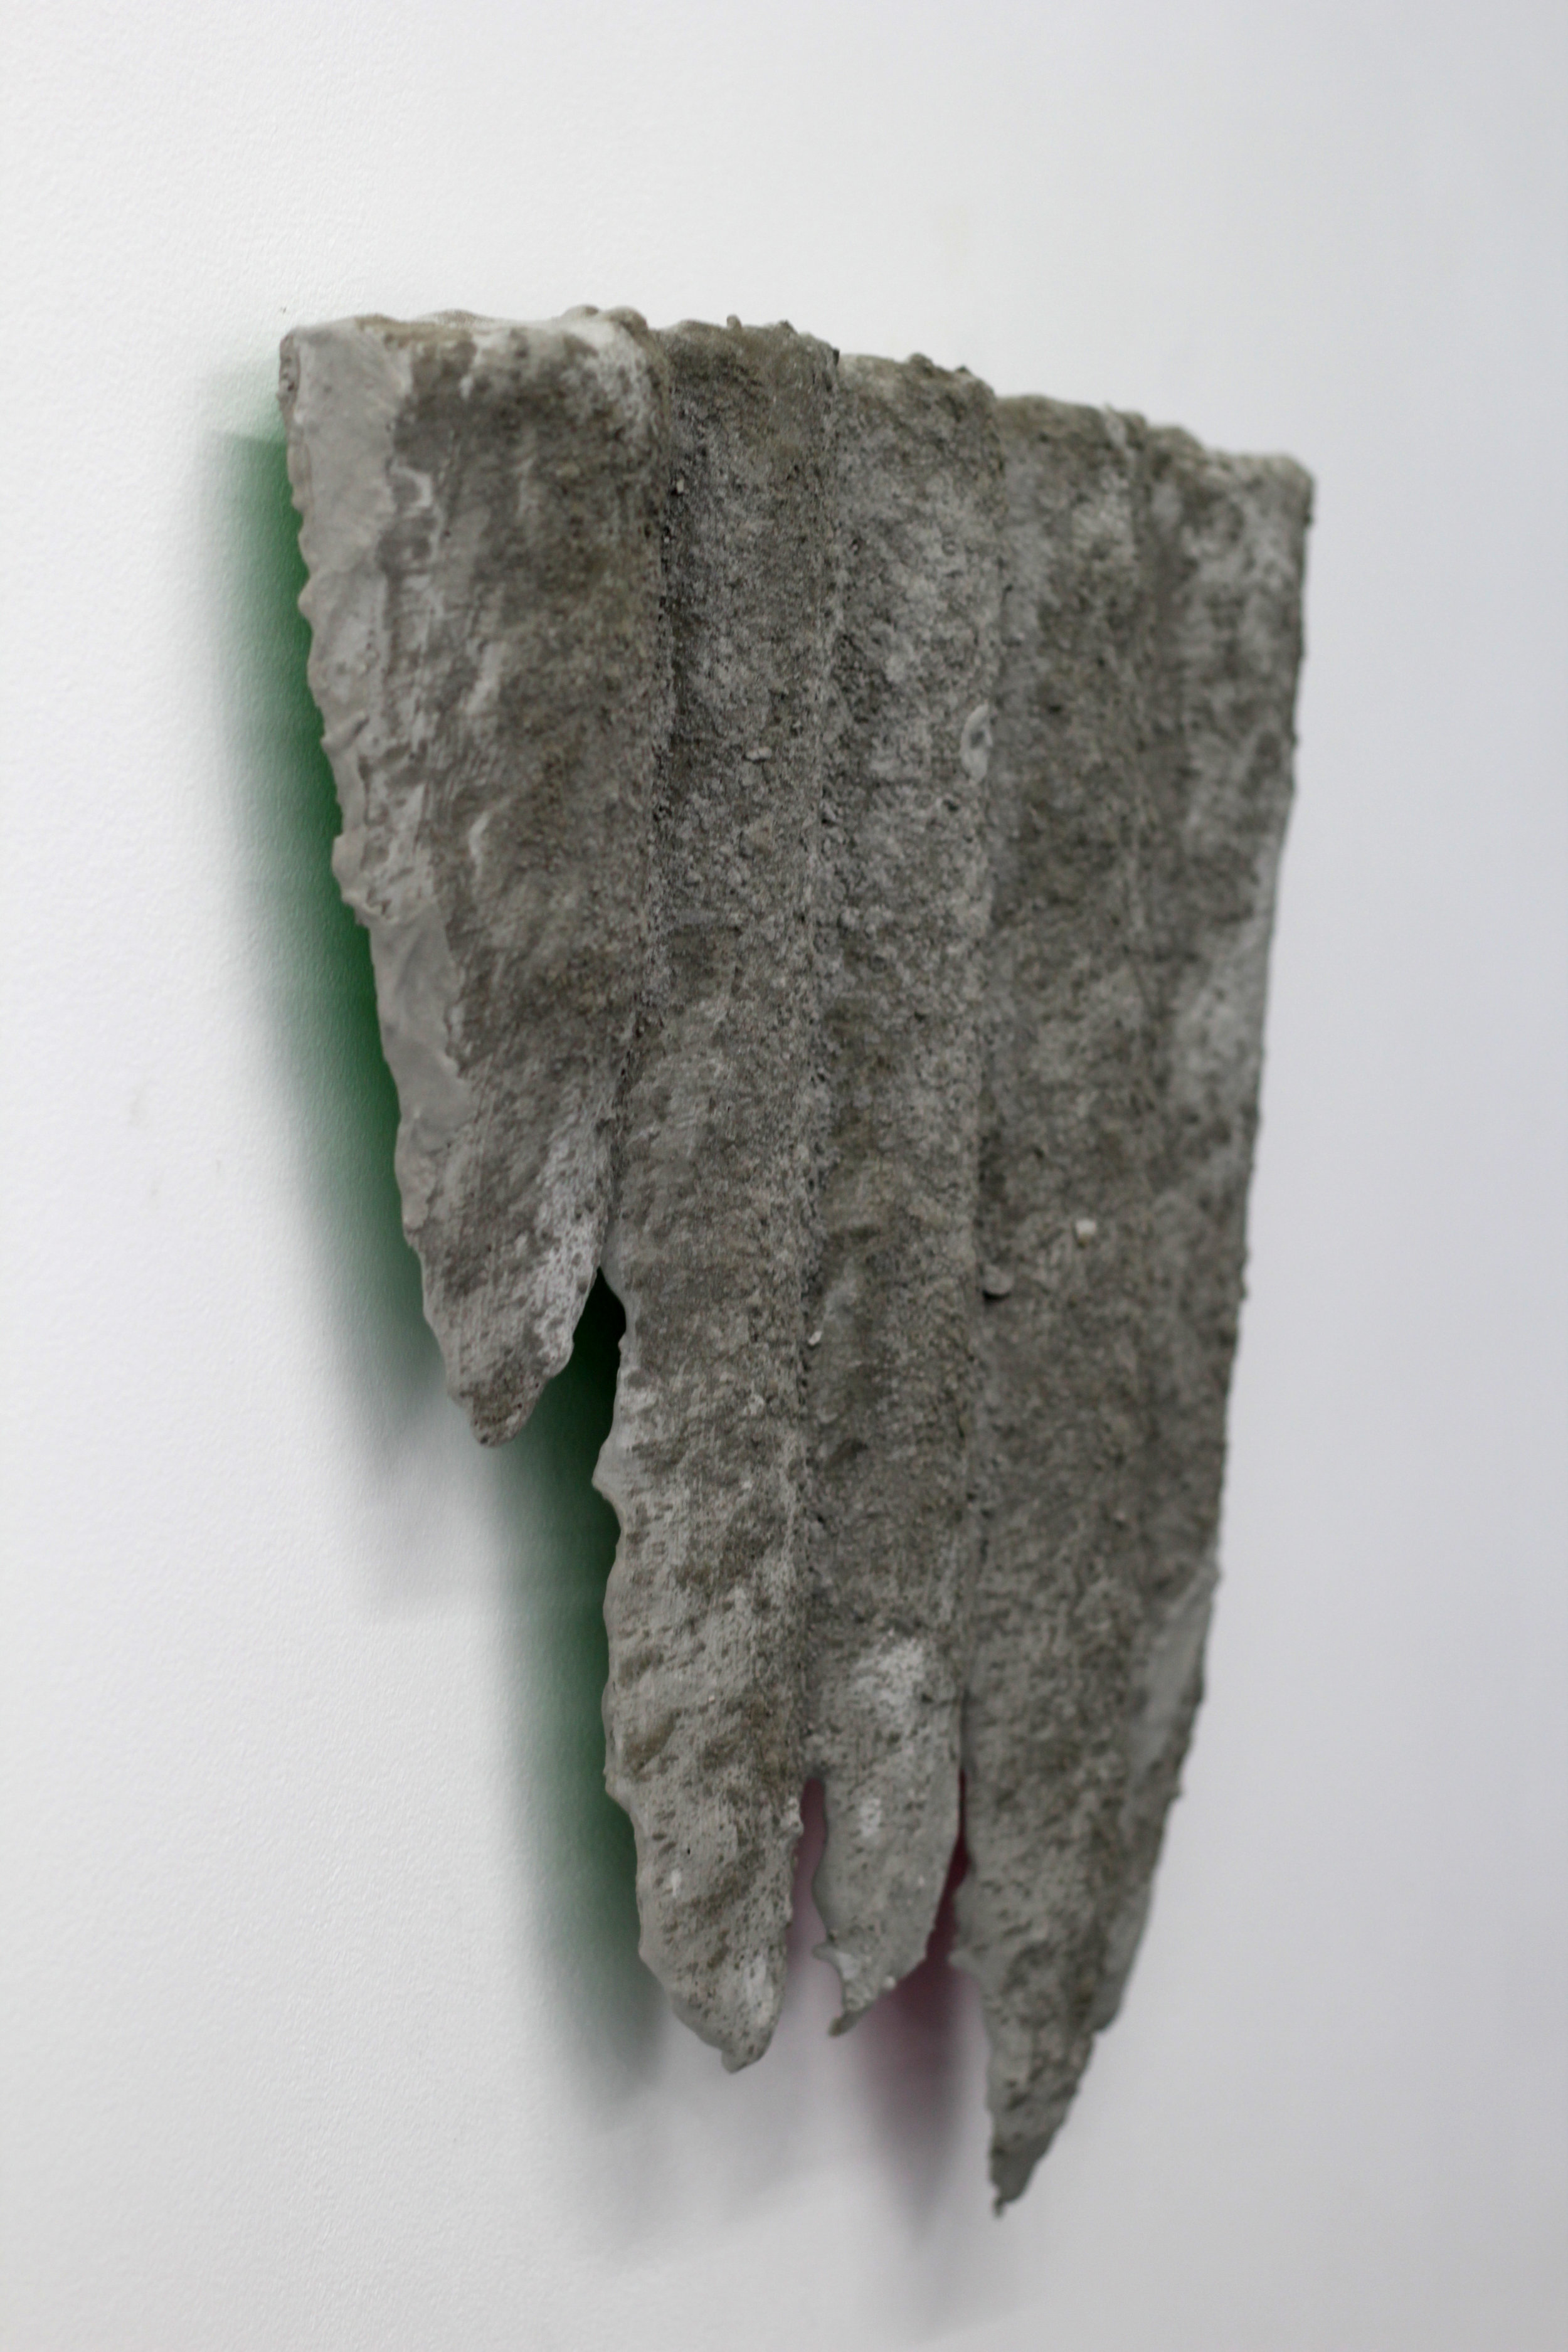 Camille Coléon,  Vue d'en dessous,  polyéthylène, ciment, mortier adhésif, 34x39cm, 2019